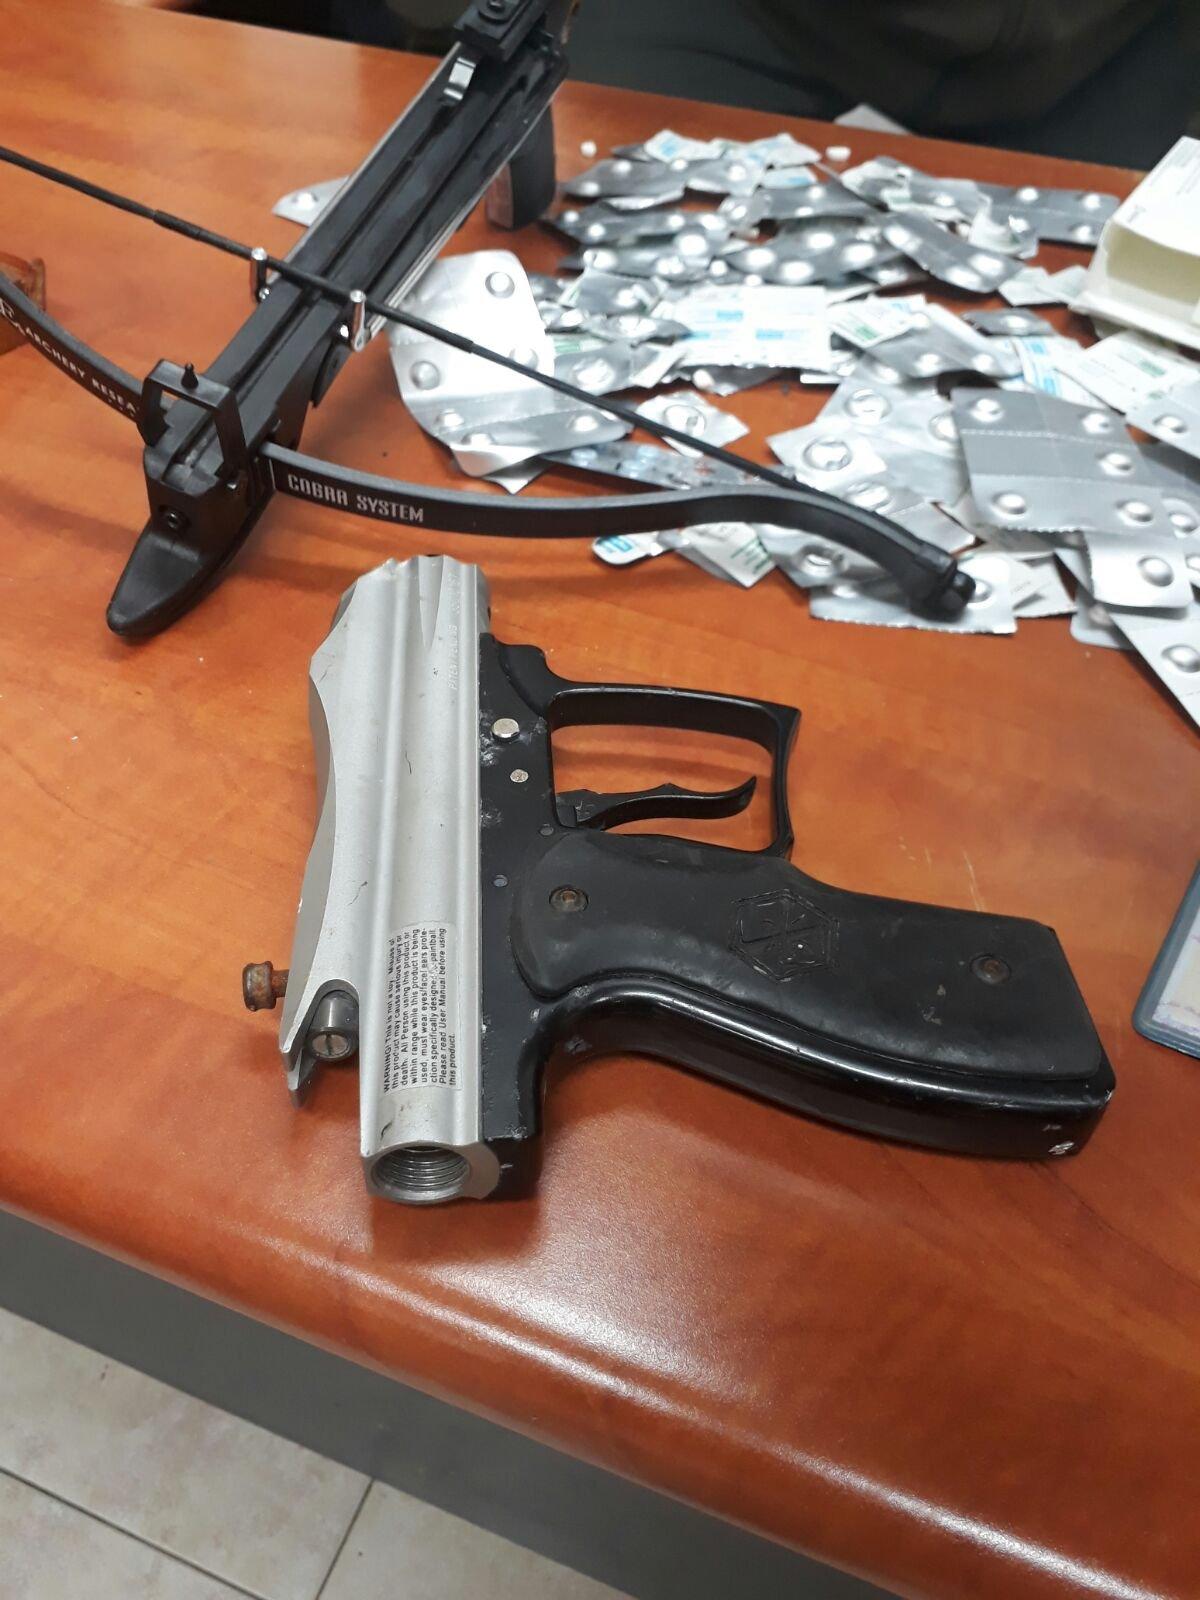 هل عثرت الشرطة على سلاح في بلدكم هذا العام؟ إليكم التفاصيل